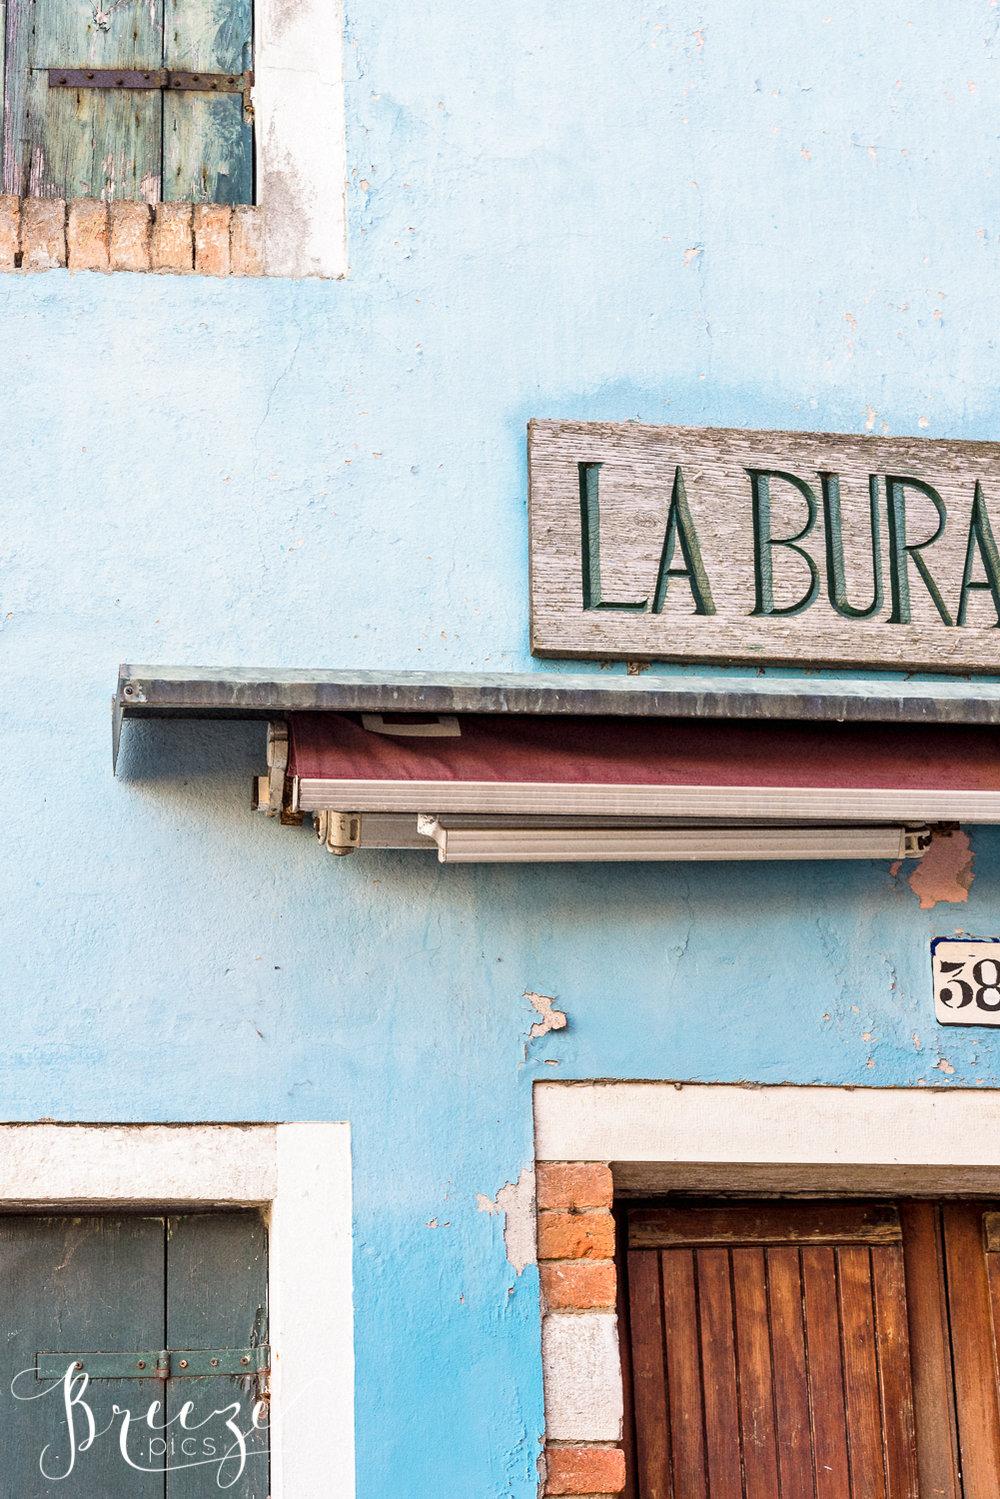 La_Burano_sign-Ed.jpg